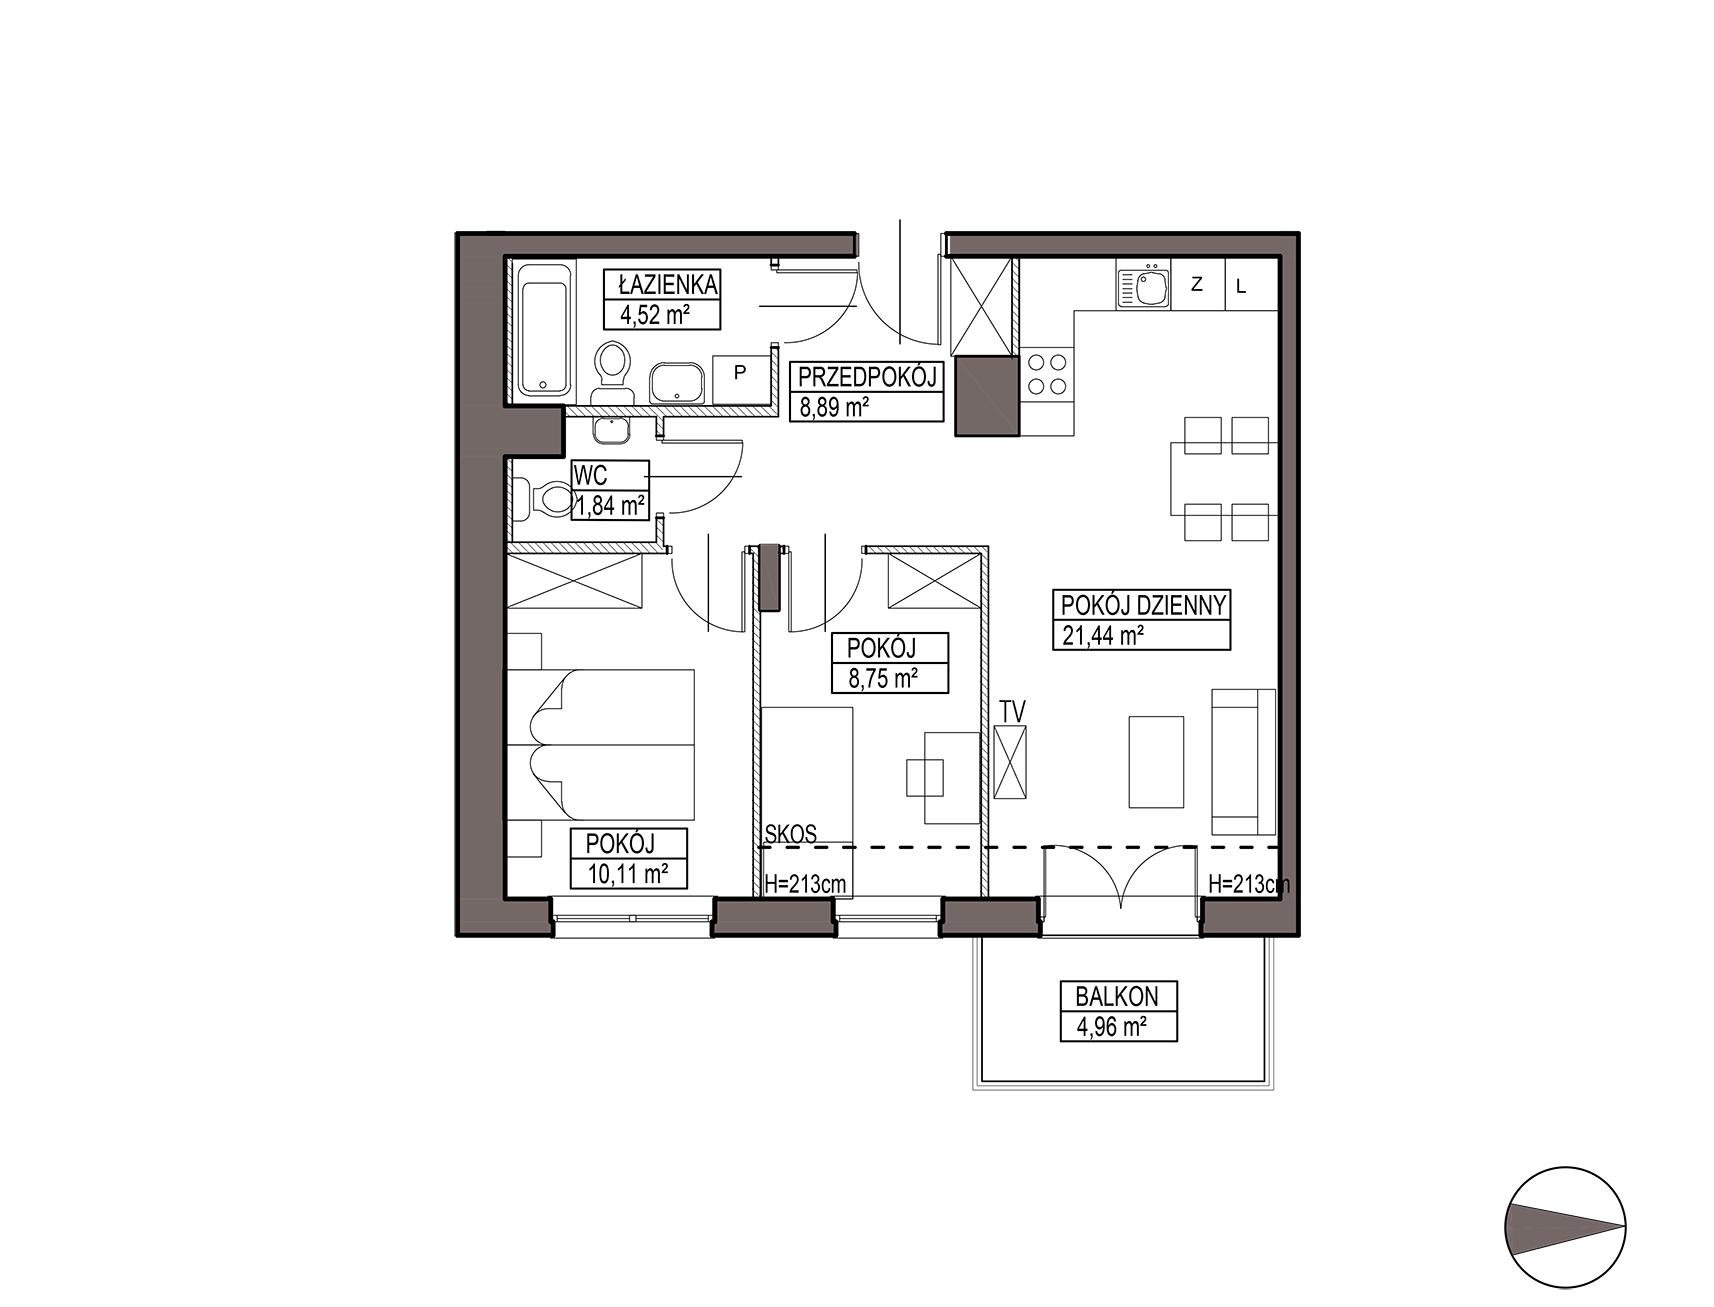 Uroczysko III / budynek 5 / mieszkanie G/2/45 rzut 1